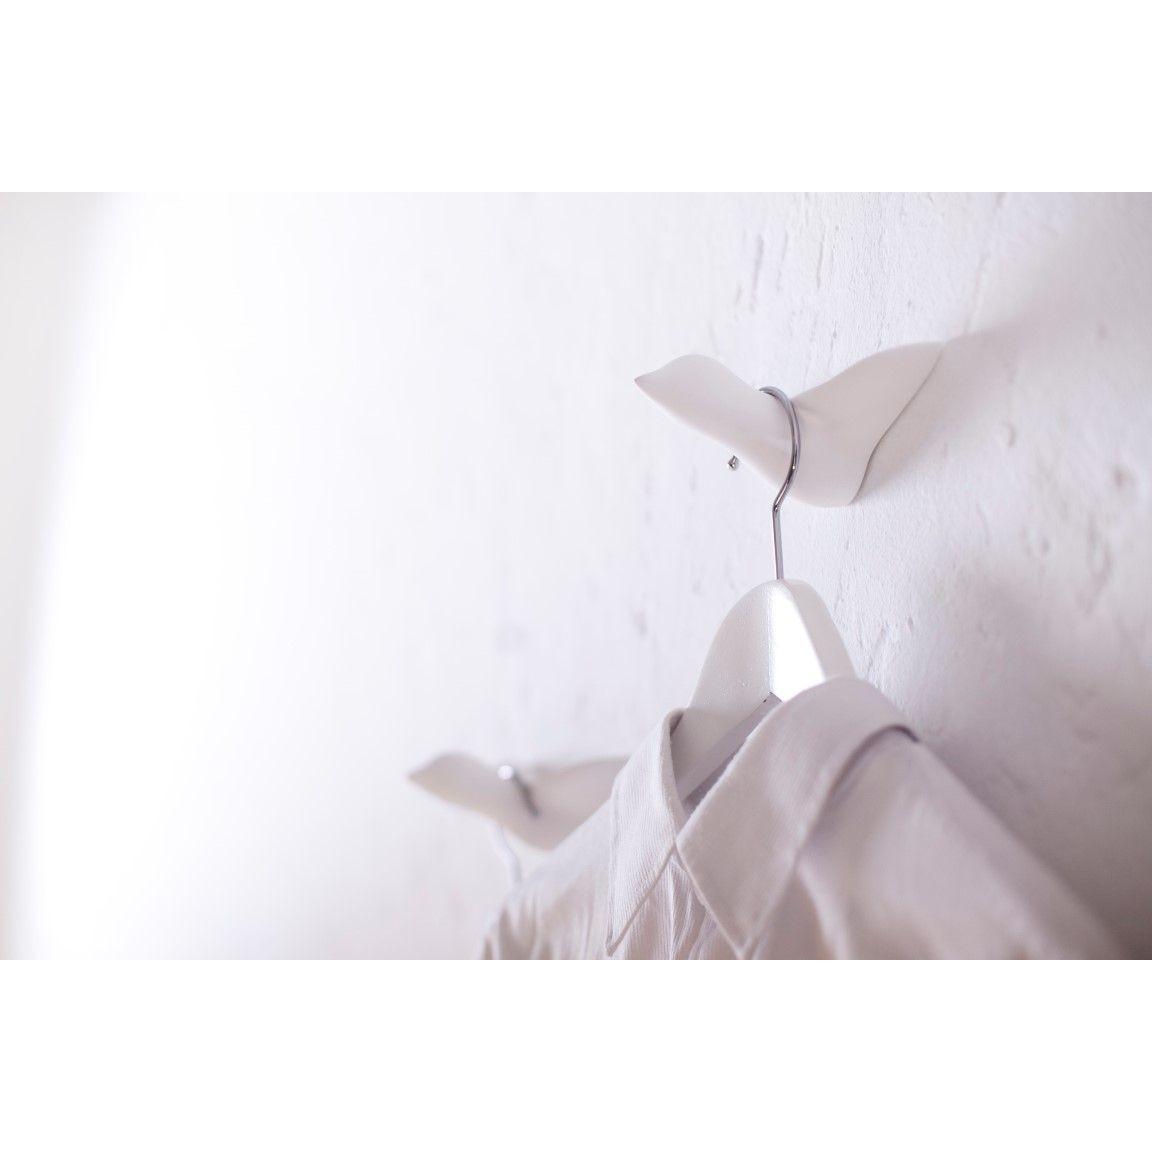 Wandhaken Vogel aus Beton | Weiß